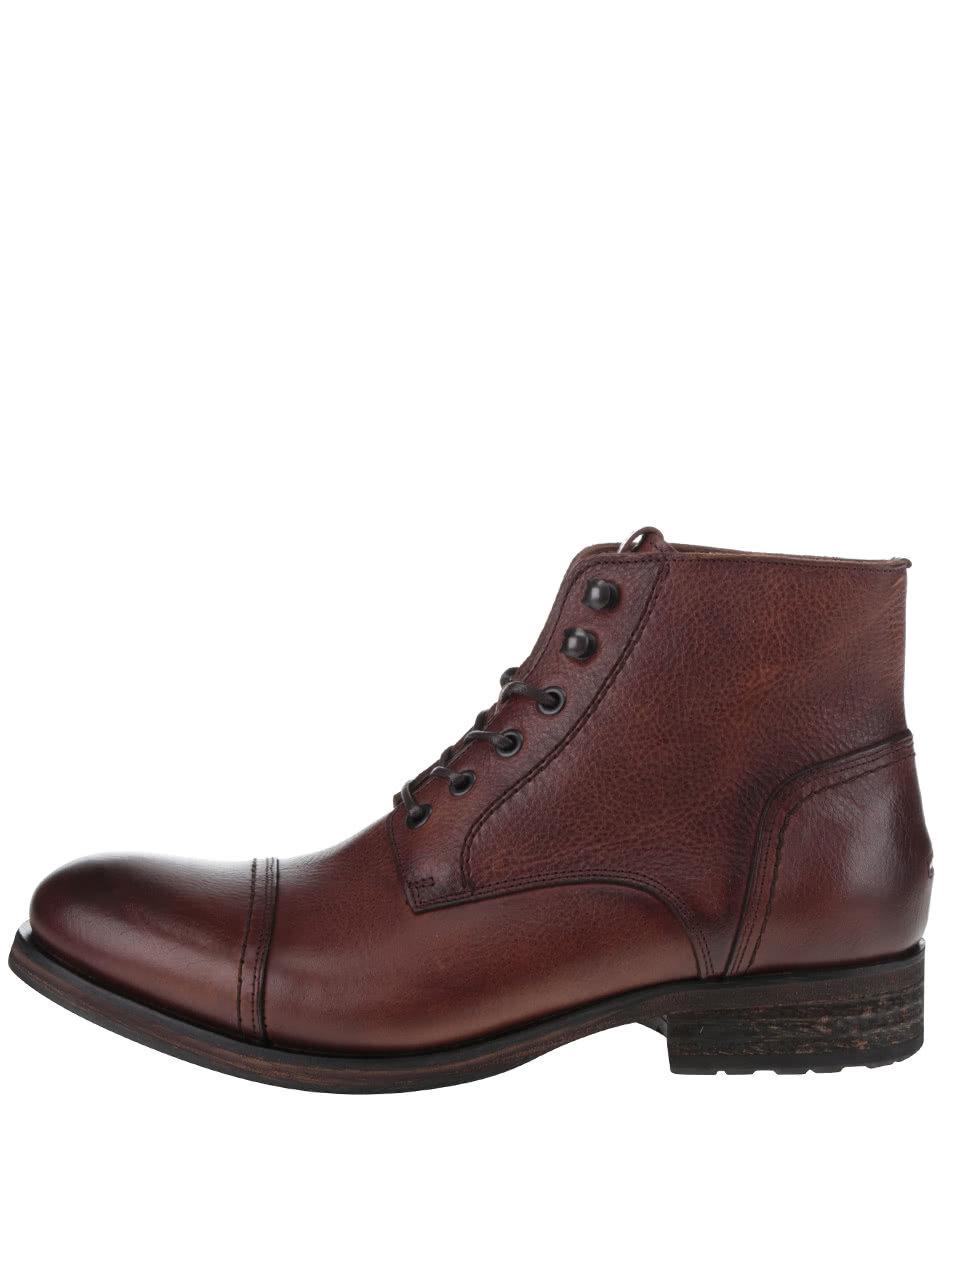 c4cb89bf8ad Hnědé pánské kožené kotníkové boty Tommy Hilfiger ...